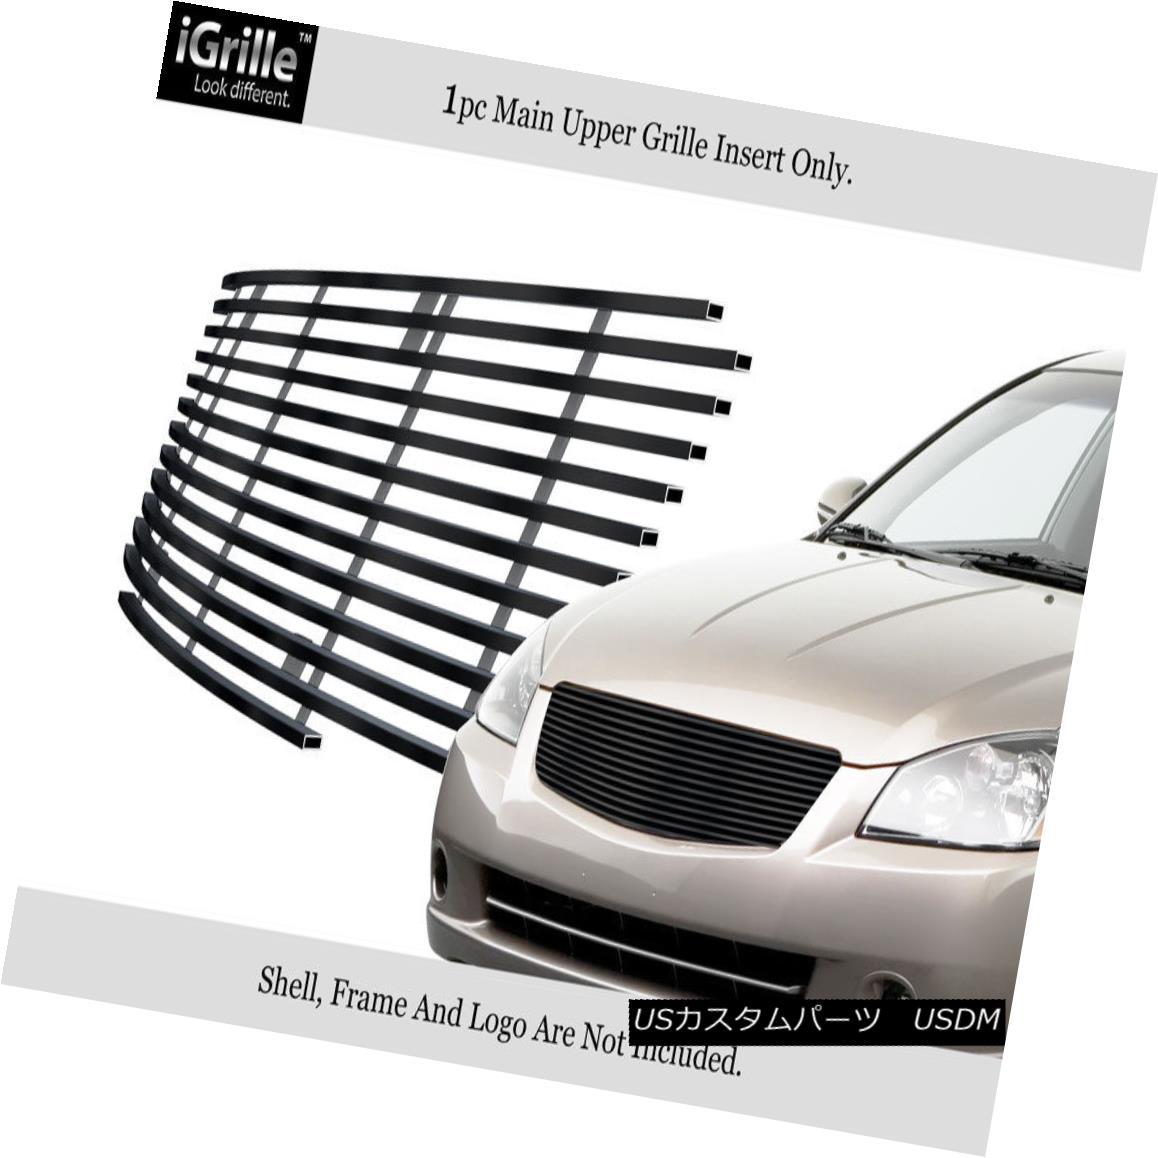 グリル Fits 2005-2006 Nissan Altima Stainless Steel Black Billet Grille Insert 2005-2006 Nissan Altimaステンレススチールブラックビレットグリルインサート